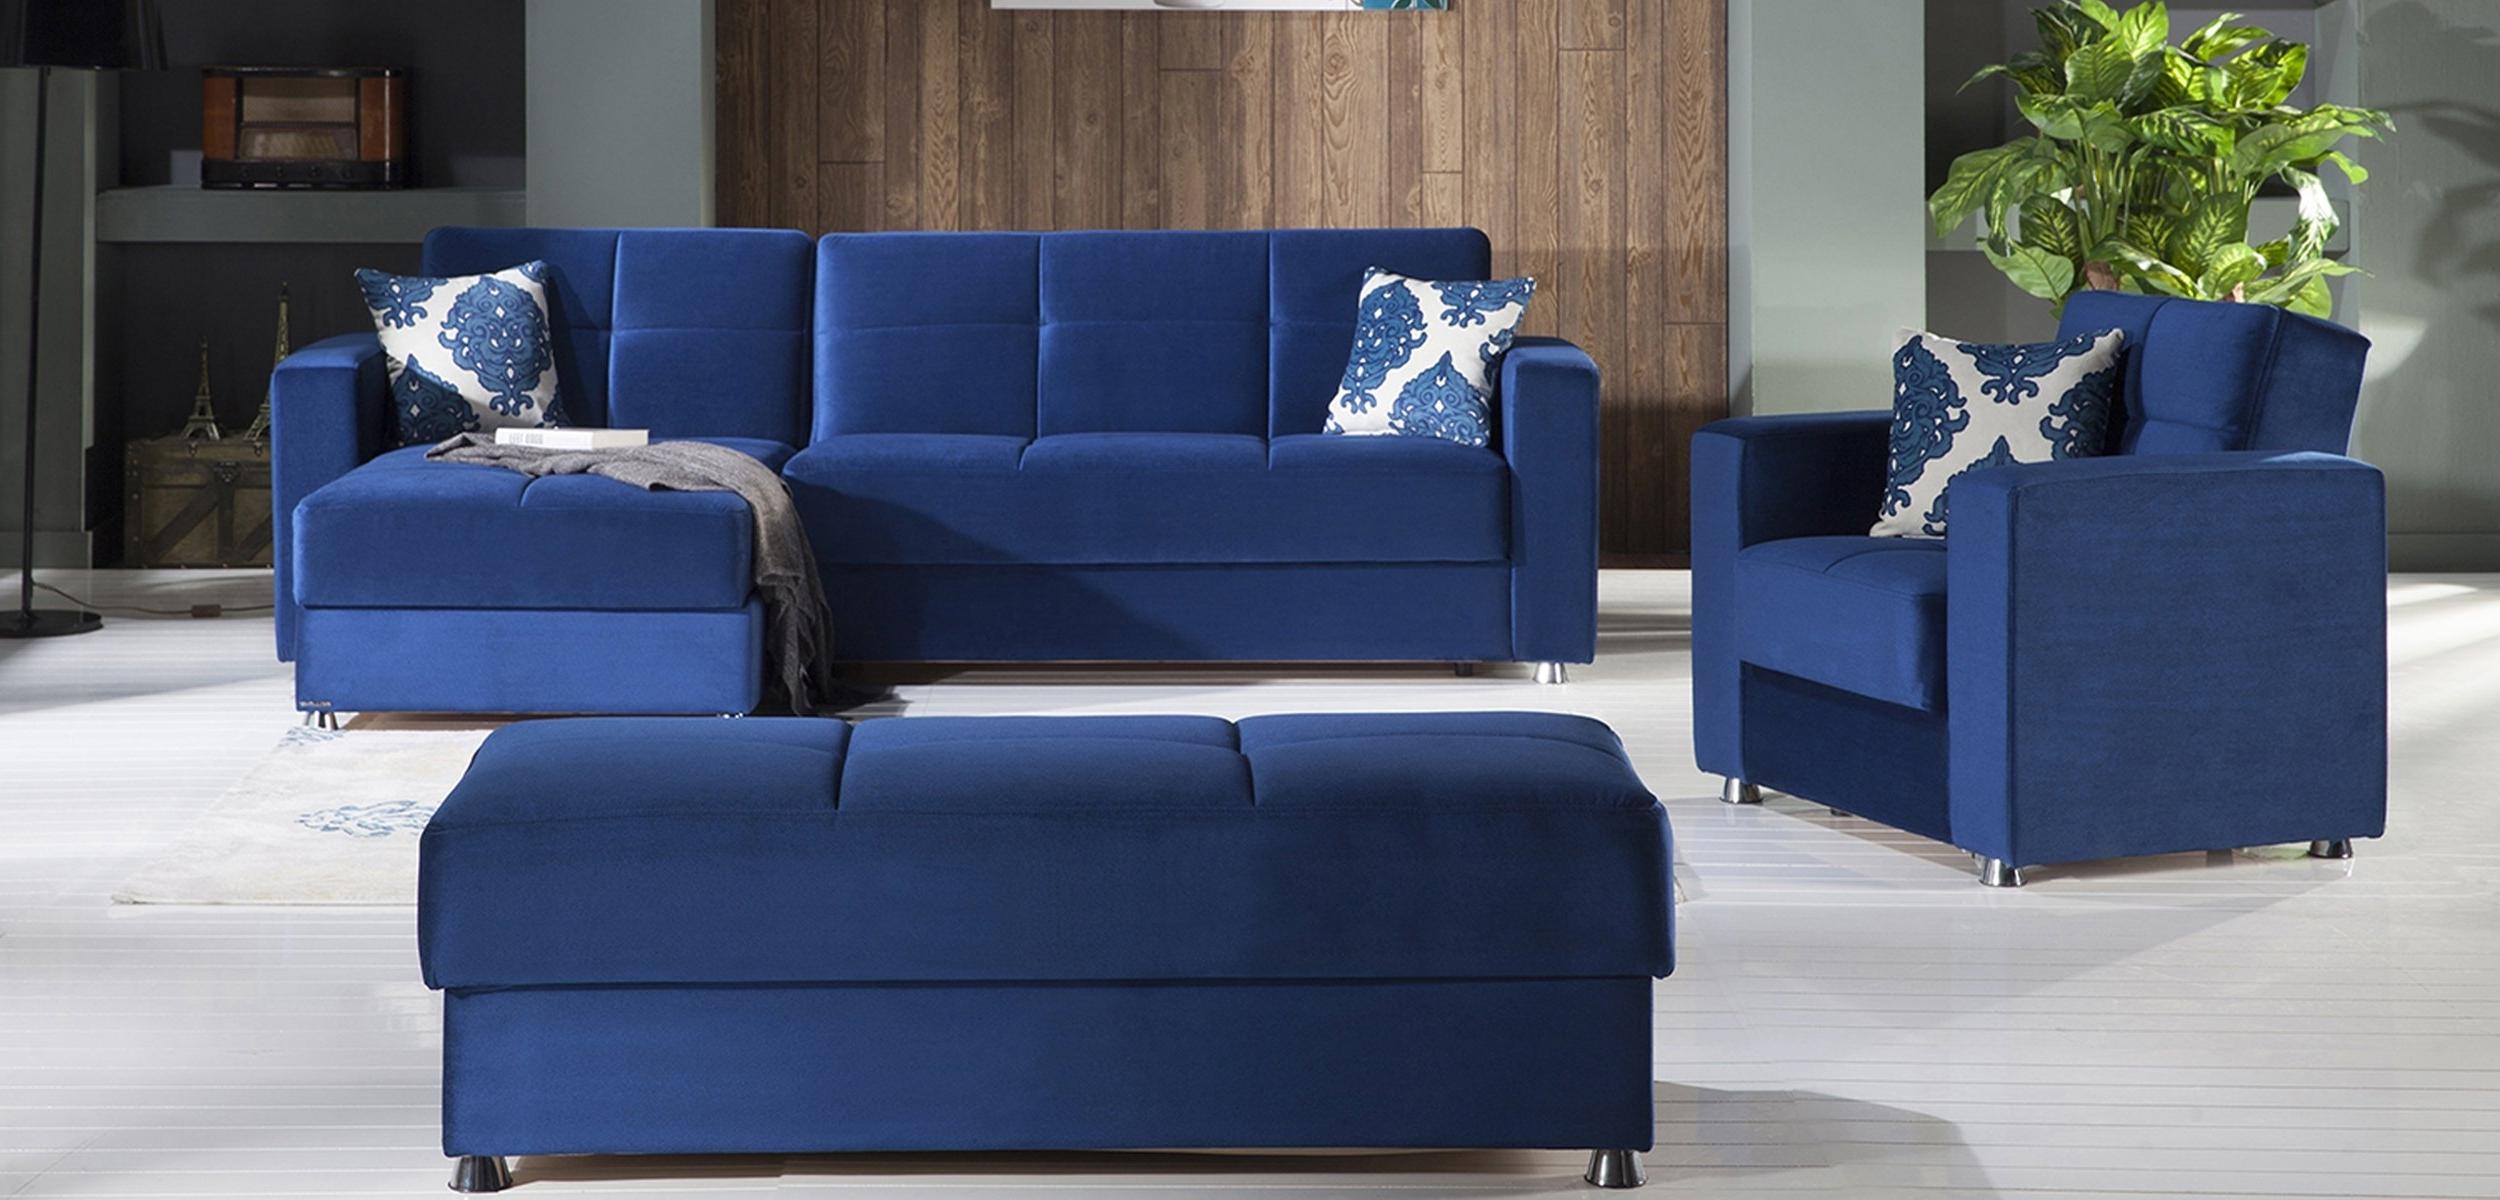 Famous Elegant Sectional Sofas for Elegant Roma Navy Sectional Sofaistikbal (Sunset)